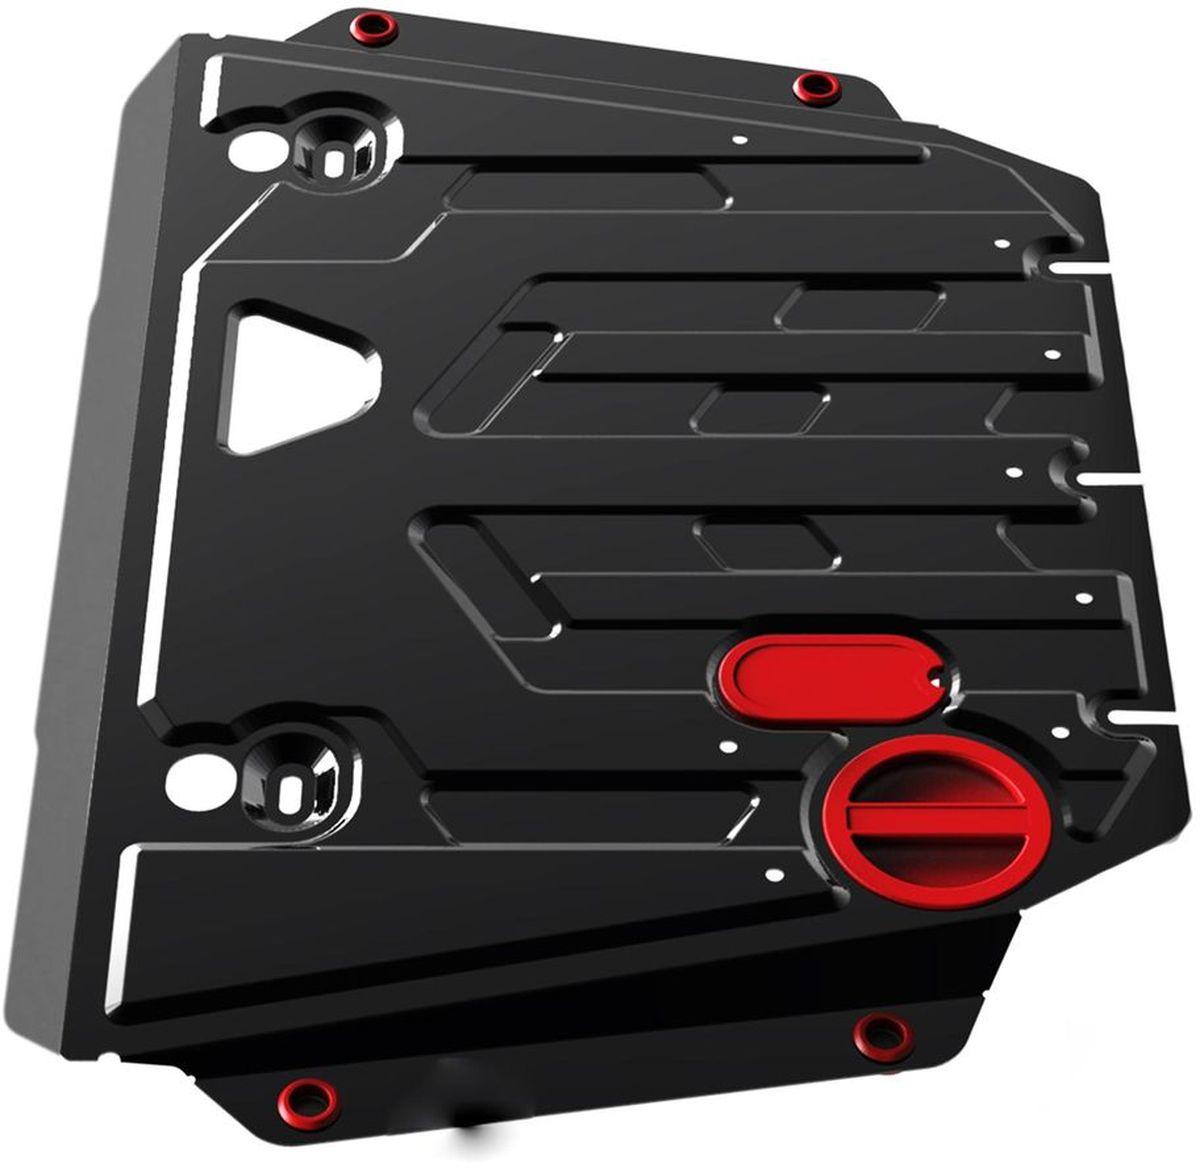 Защита картера и КПП Автоброня Hyundai ix55 2008-2013, сталь 2 мм111.02306.1Защита картера и КПП Автоброня Hyundai ix55, V - 3,8 2008-2013, сталь 2 мм, комплект крепежа, 111.02306.1Стальные защиты Автоброня надежно защищают ваш автомобиль от повреждений при наезде на бордюры, выступающие канализационные люки, кромки поврежденного асфальта или при ремонте дорог, не говоря уже о загородных дорогах.- Имеют оптимальное соотношение цена-качество.- Спроектированы с учетом особенностей автомобиля, что делает установку удобной.- Защита устанавливается в штатные места кузова автомобиля.- Является надежной защитой для важных элементов на протяжении долгих лет.- Глубокий штамп дополнительно усиливает конструкцию защиты.- Подштамповка в местах крепления защищает крепеж от срезания.- Технологические отверстия там, где они необходимы для смены масла и слива воды, оборудованные заглушками, закрепленными на защите.Толщина стали 2 мм.В комплекте крепеж и инструкция по установке.Уважаемые клиенты!Обращаем ваше внимание на тот факт, что защита имеет форму, соответствующую модели данного автомобиля. Наличие глубокого штампа и лючков для смены фильтров/масла предусмотрено не на всех защитах. Фото служит для визуального восприятия товара.